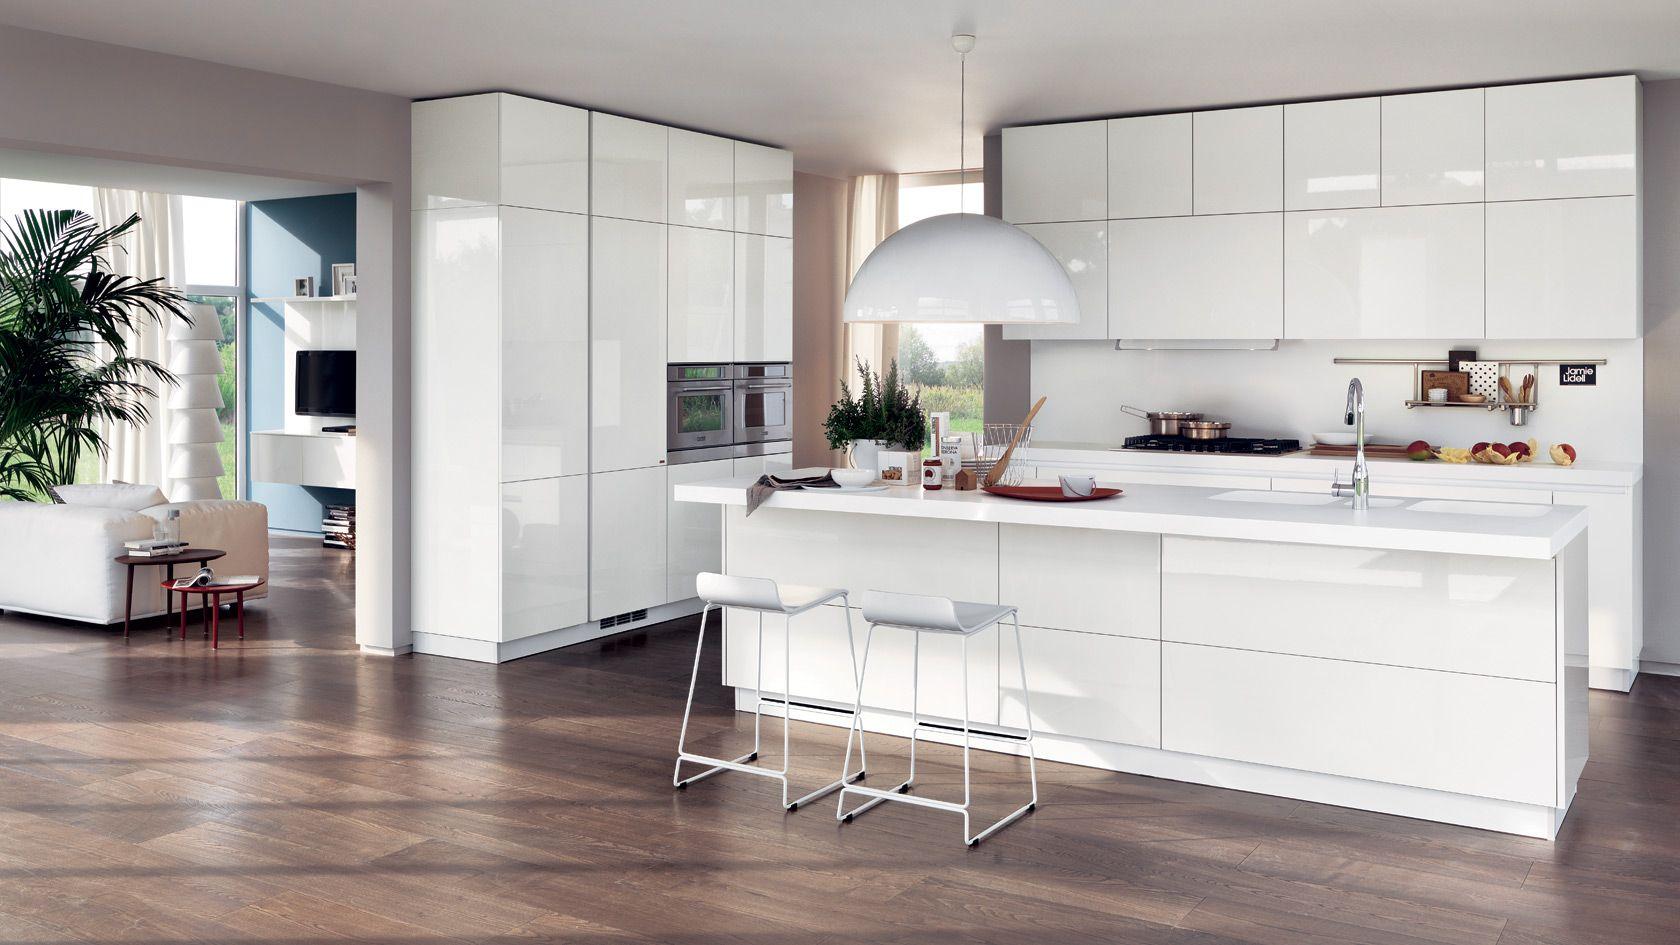 Kitchen Liberamente Scavolini Progetti Di Cucine Cucina Bianca